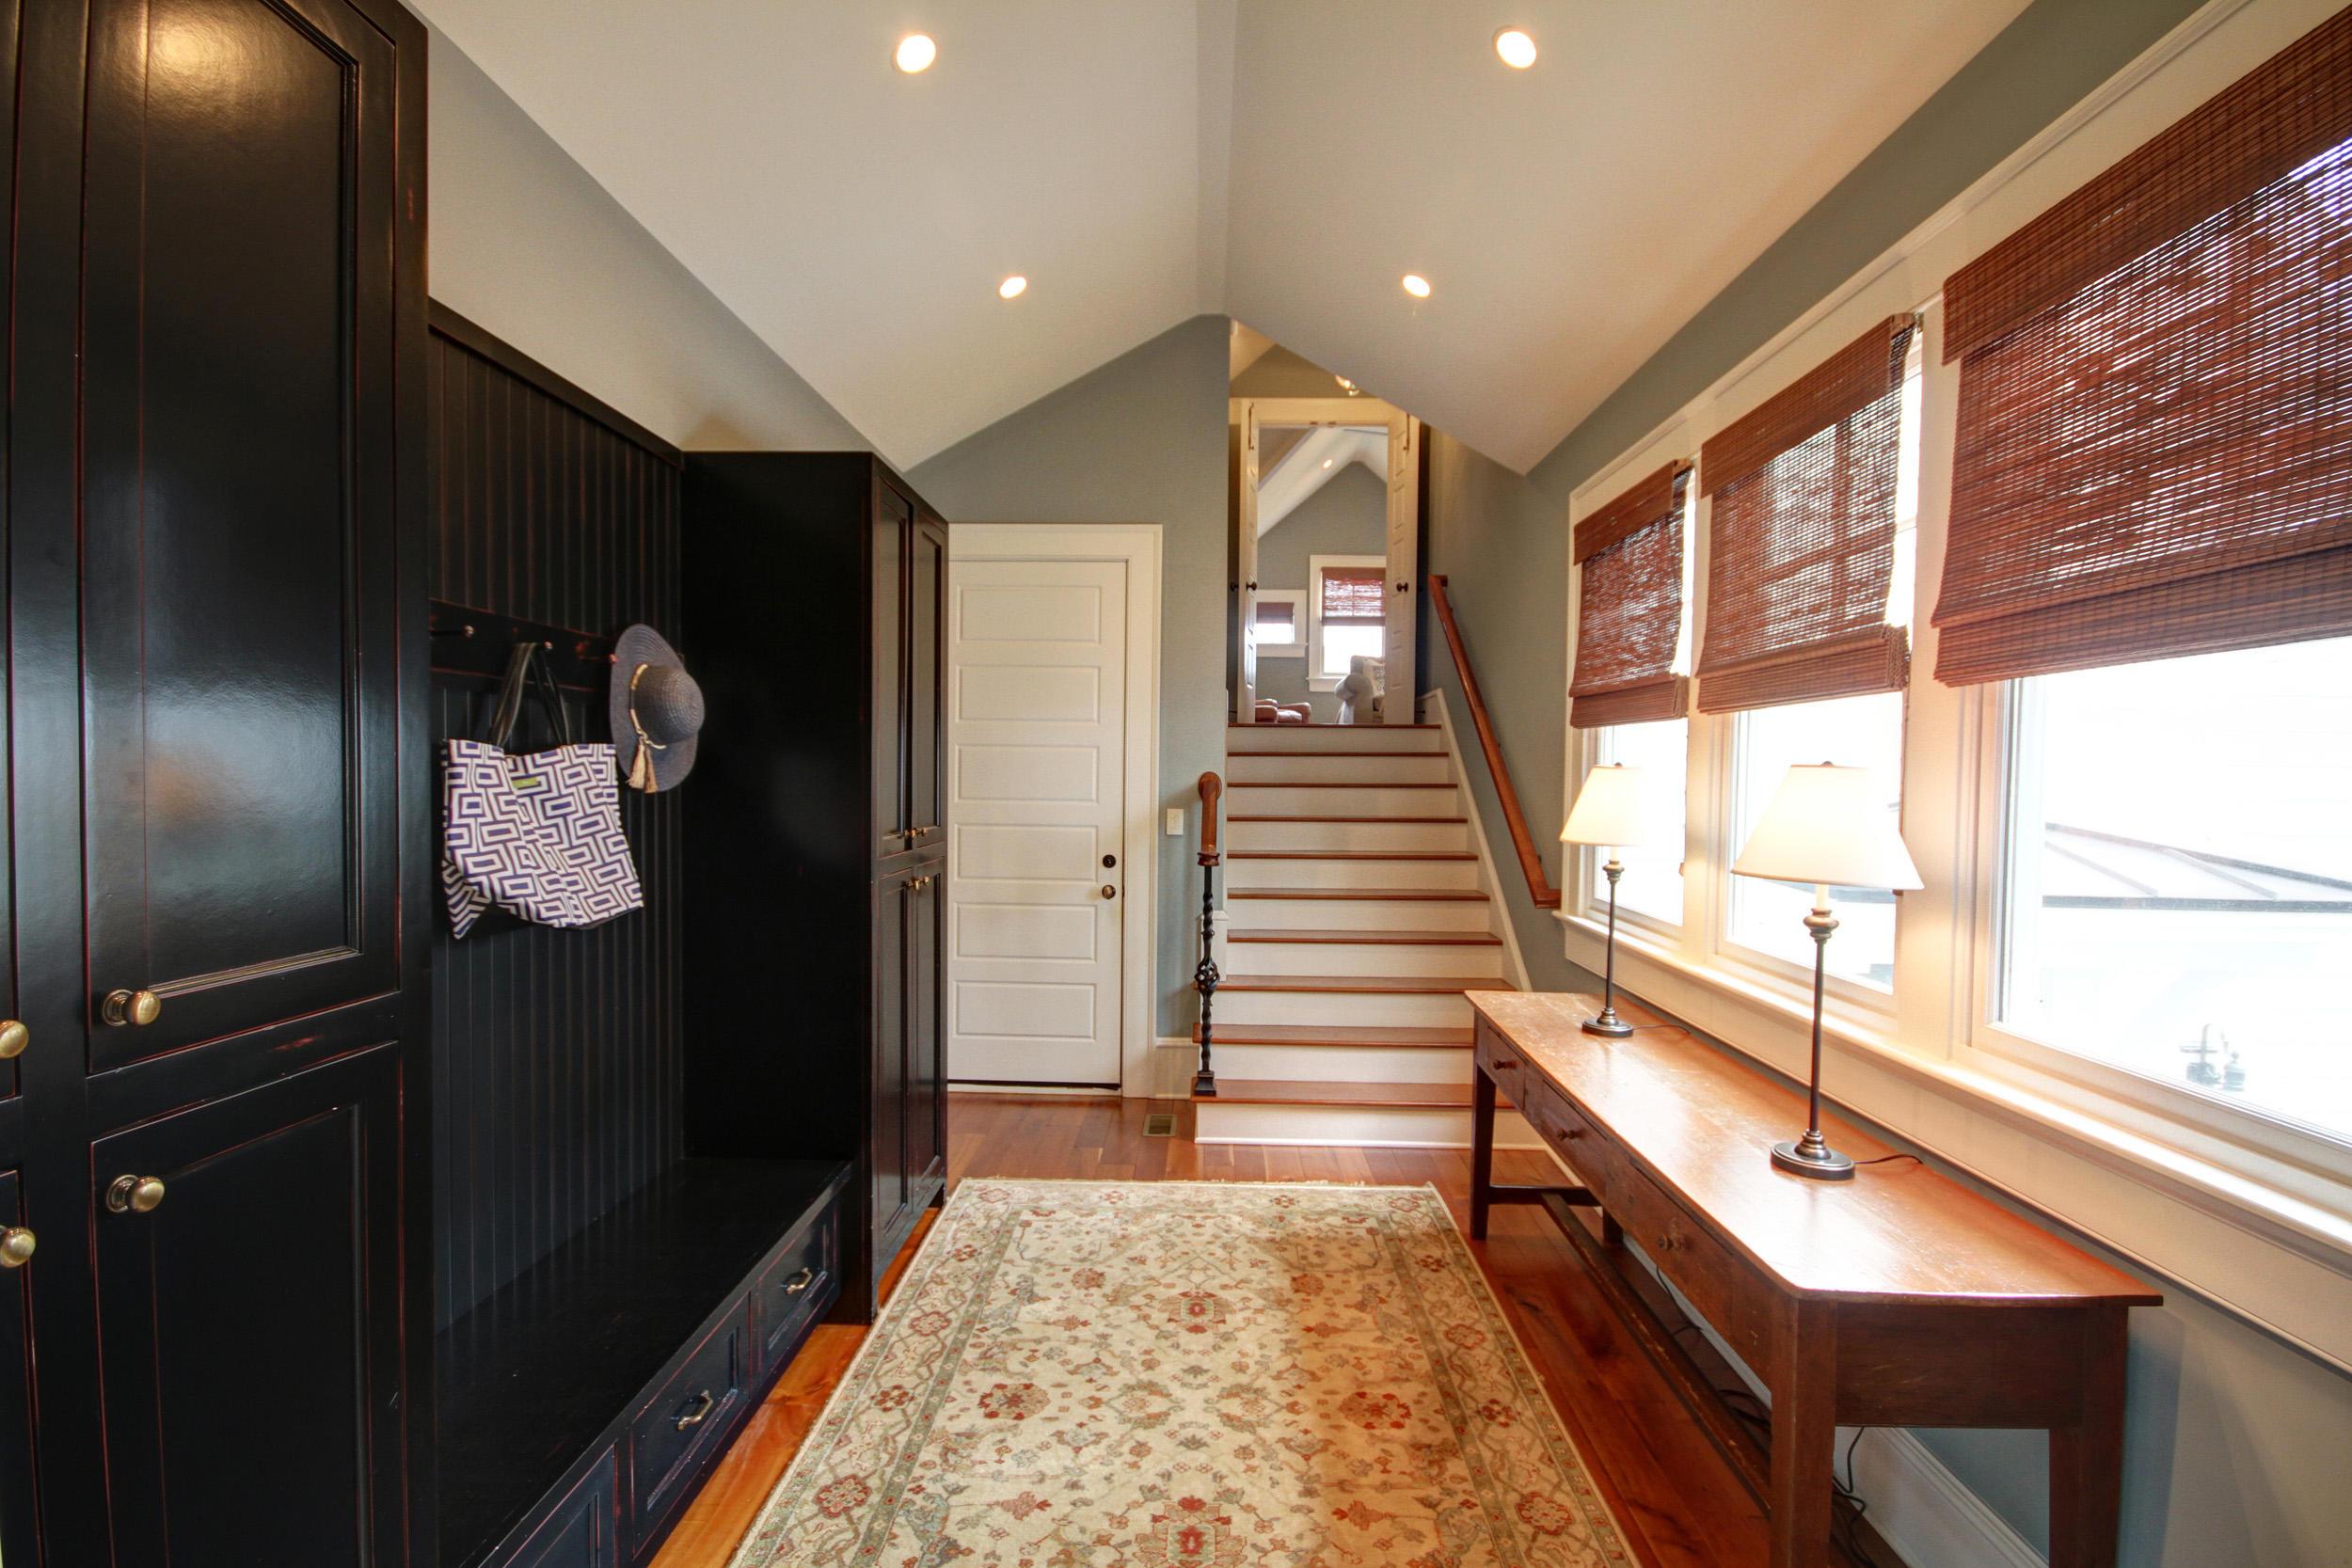 Belle Hall Homes For Sale - 821 Bridgetown Pass, Mount Pleasant, SC - 24